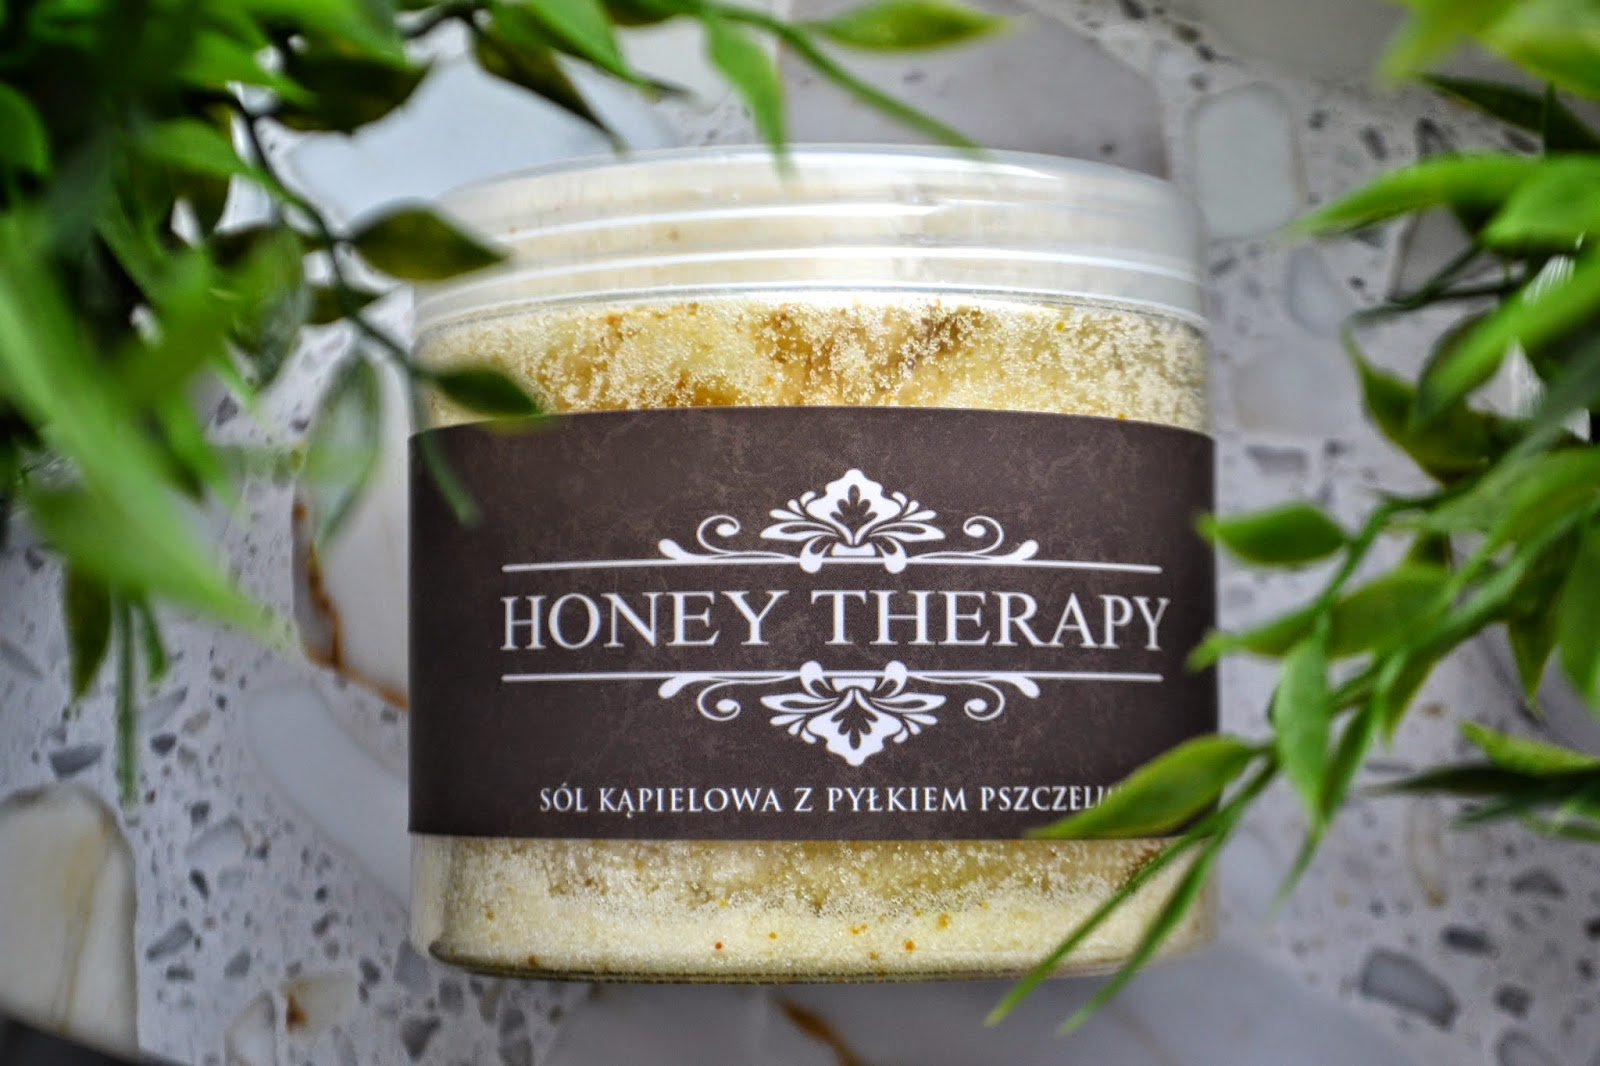 Honey Therapy. Sól kąpielowa z pyłkiem pszczelim.